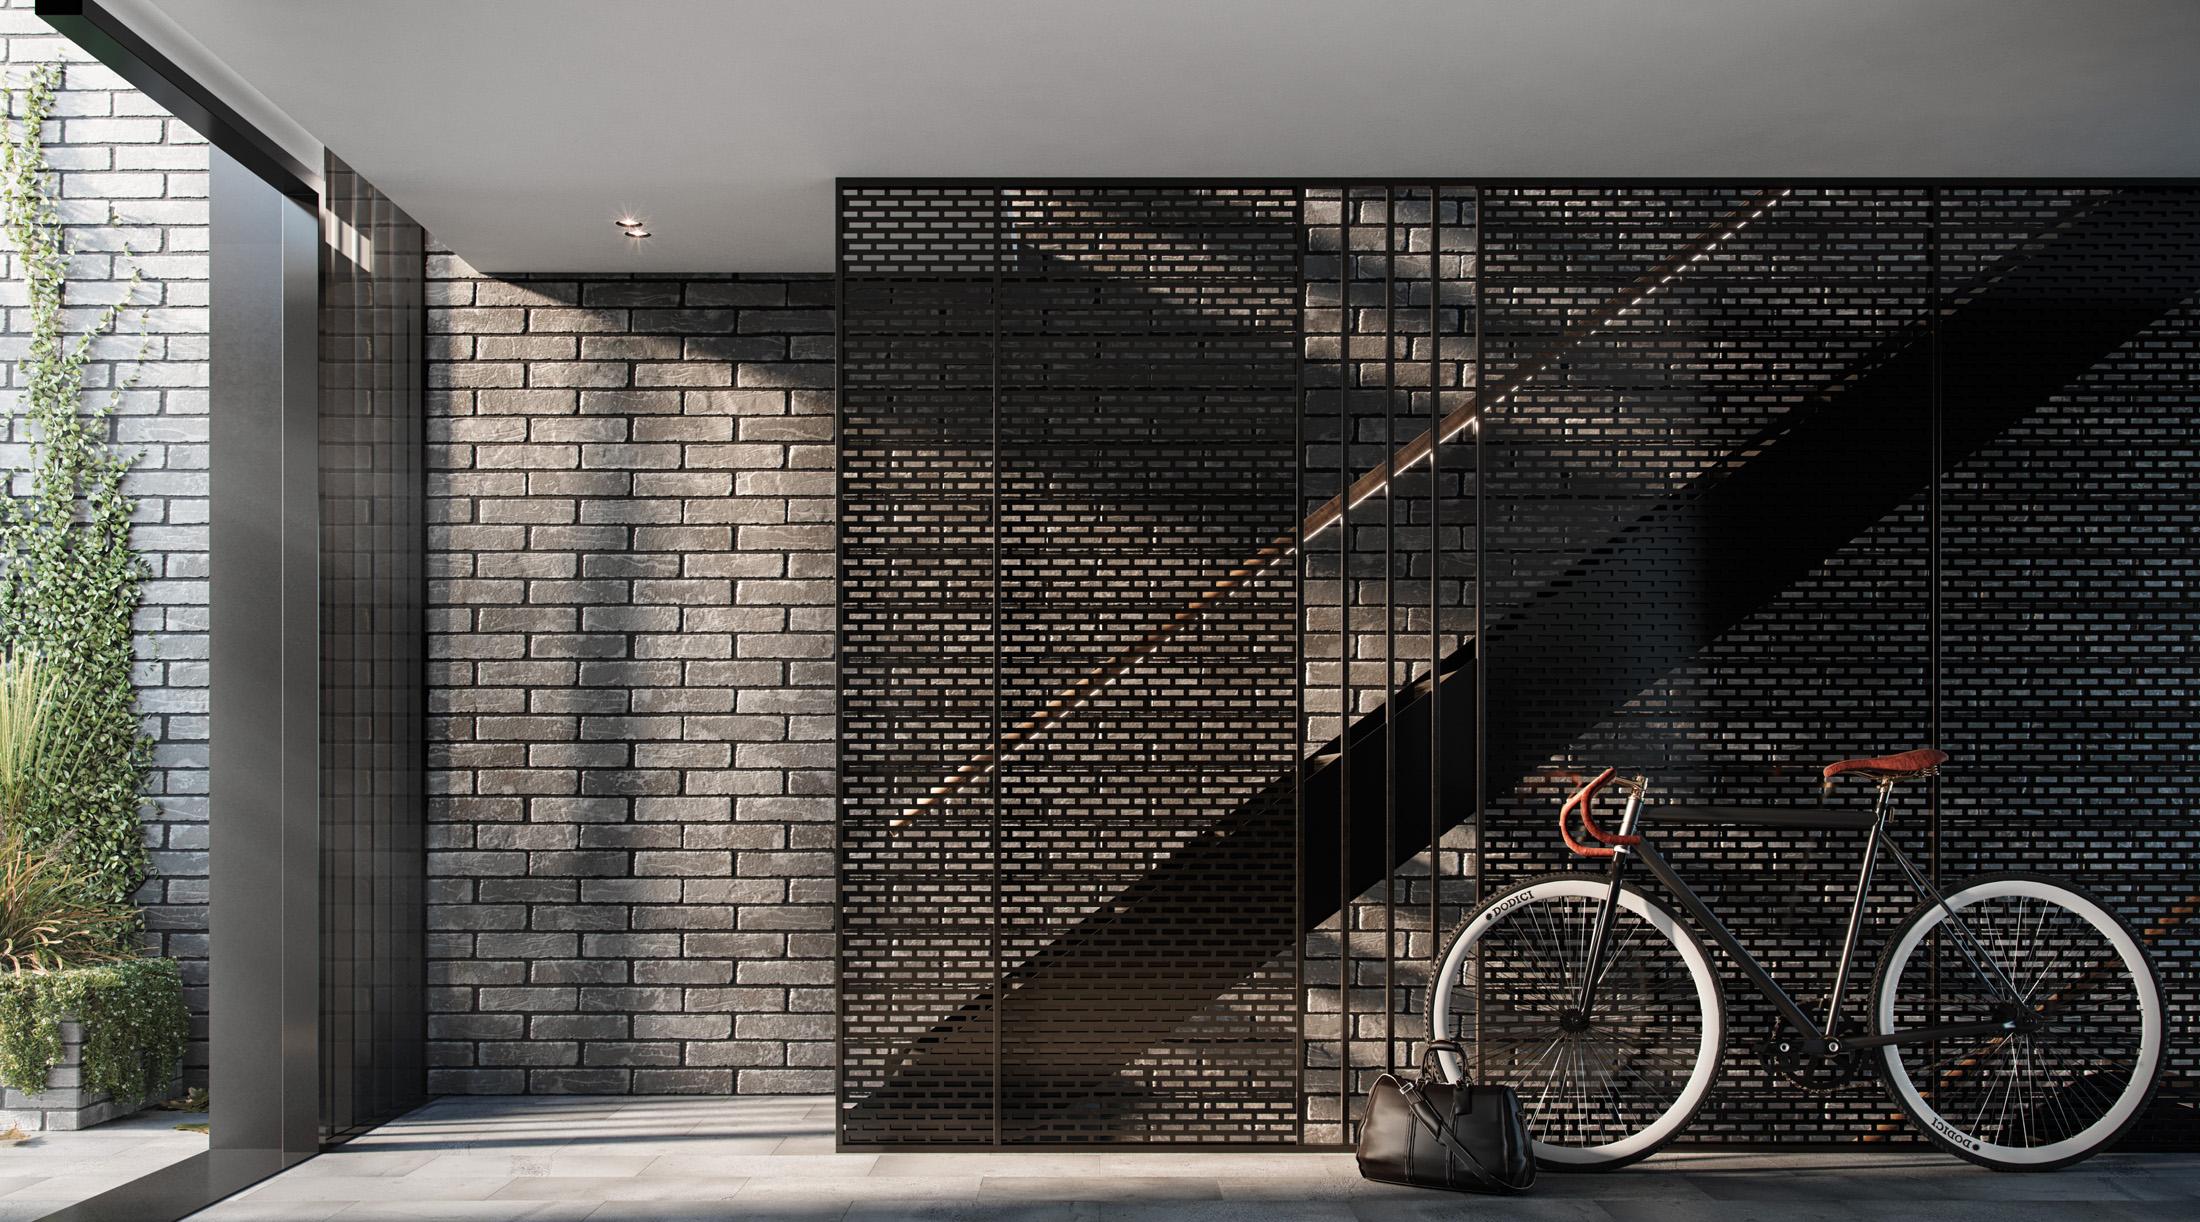 fkd-studio-coburg-collective-interior-render-apartment-architecture